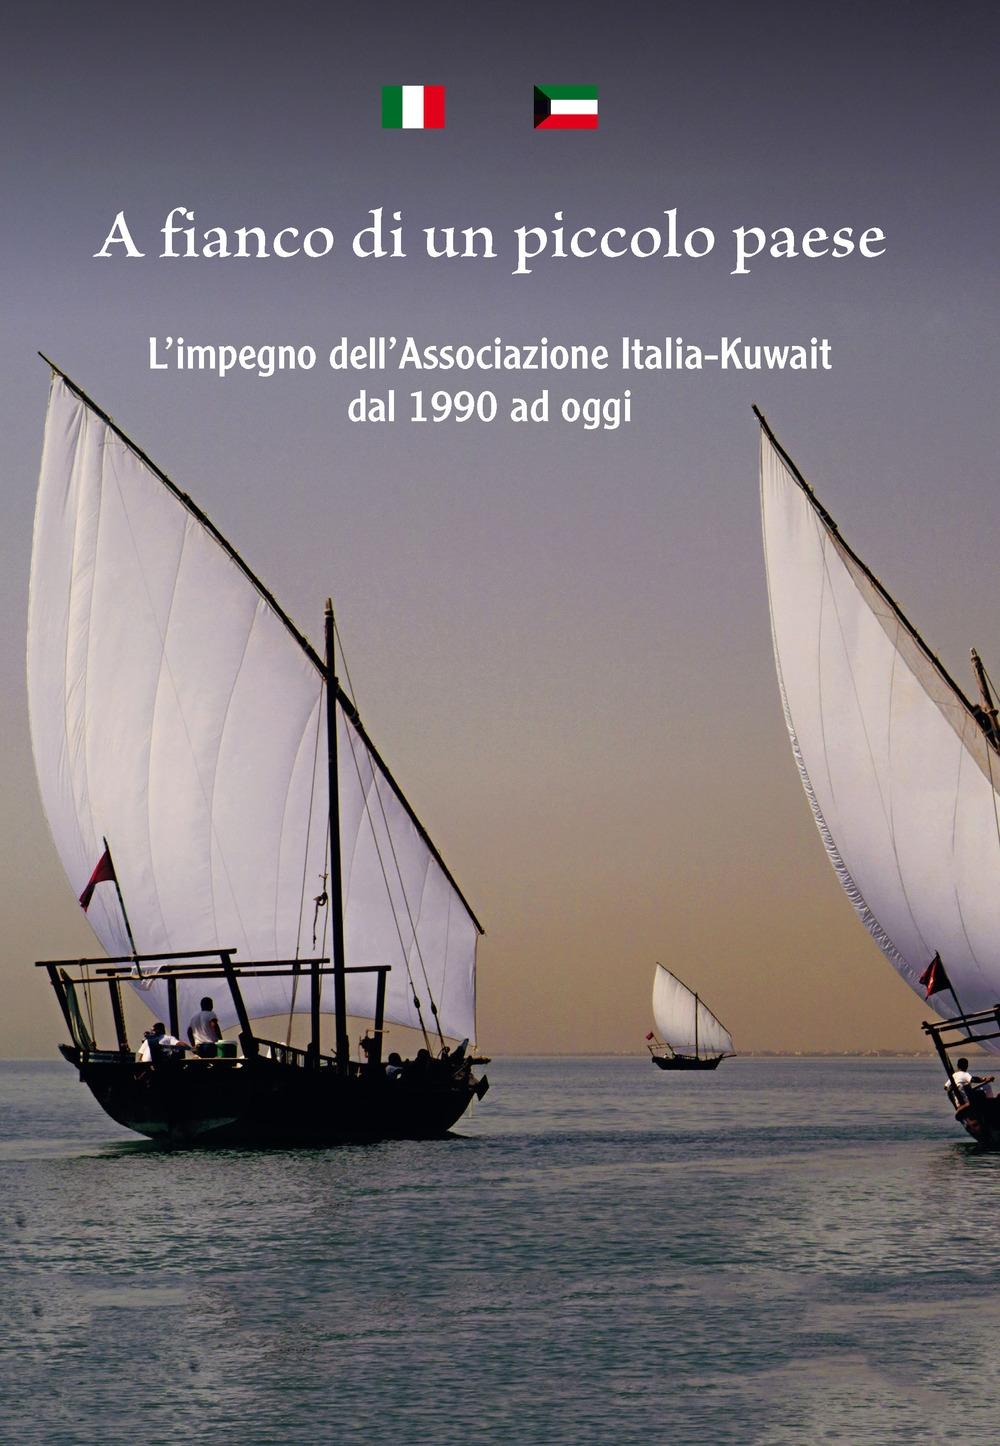 A fianco di un piccolo paese. L'impegno dell'Associazione Italia-Kuwait dal 1990 ad oggi